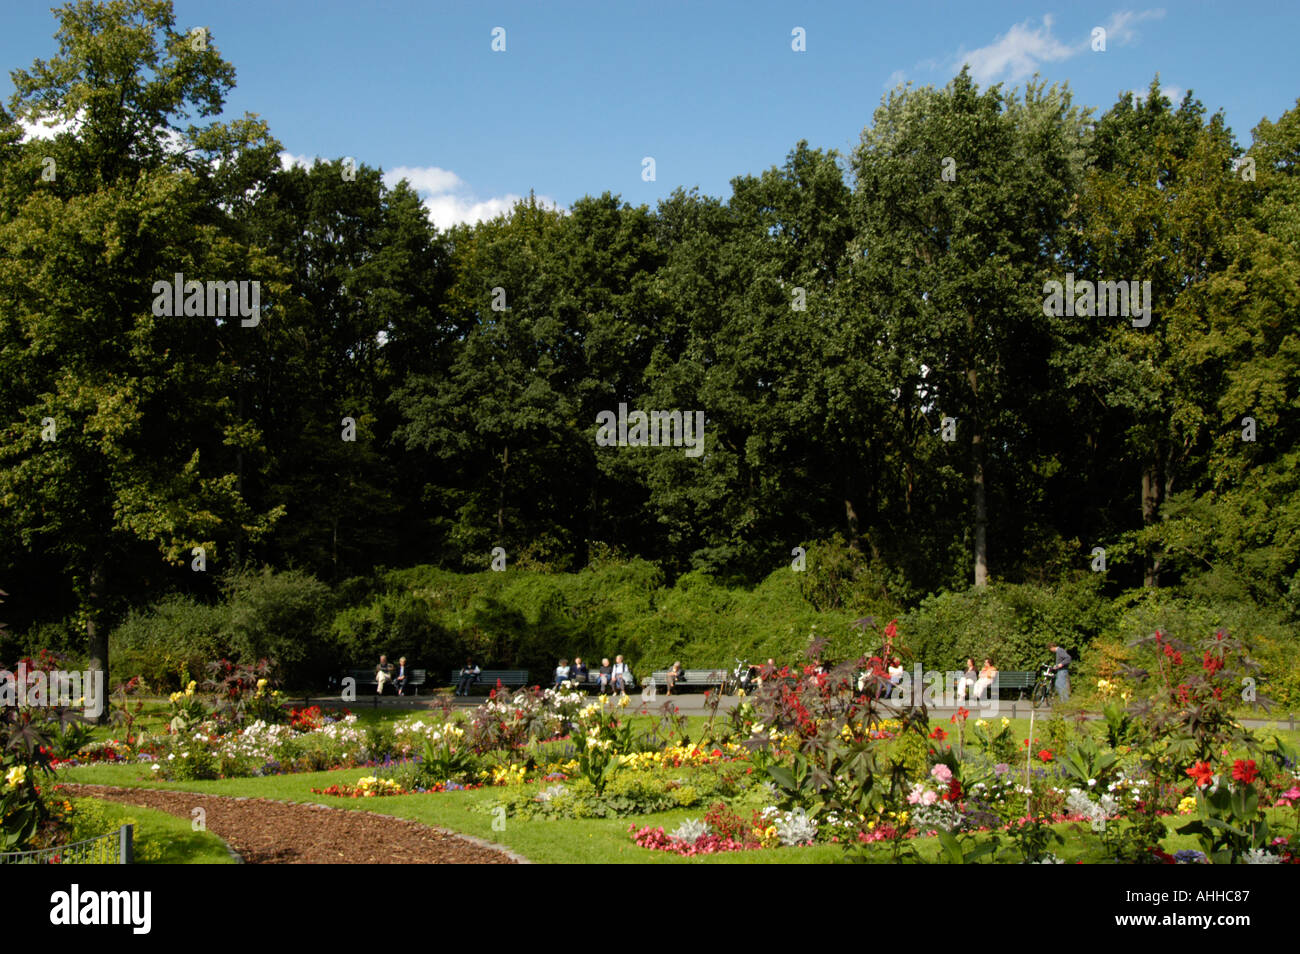 The Tiergarten Berlin Germany - Stock Image